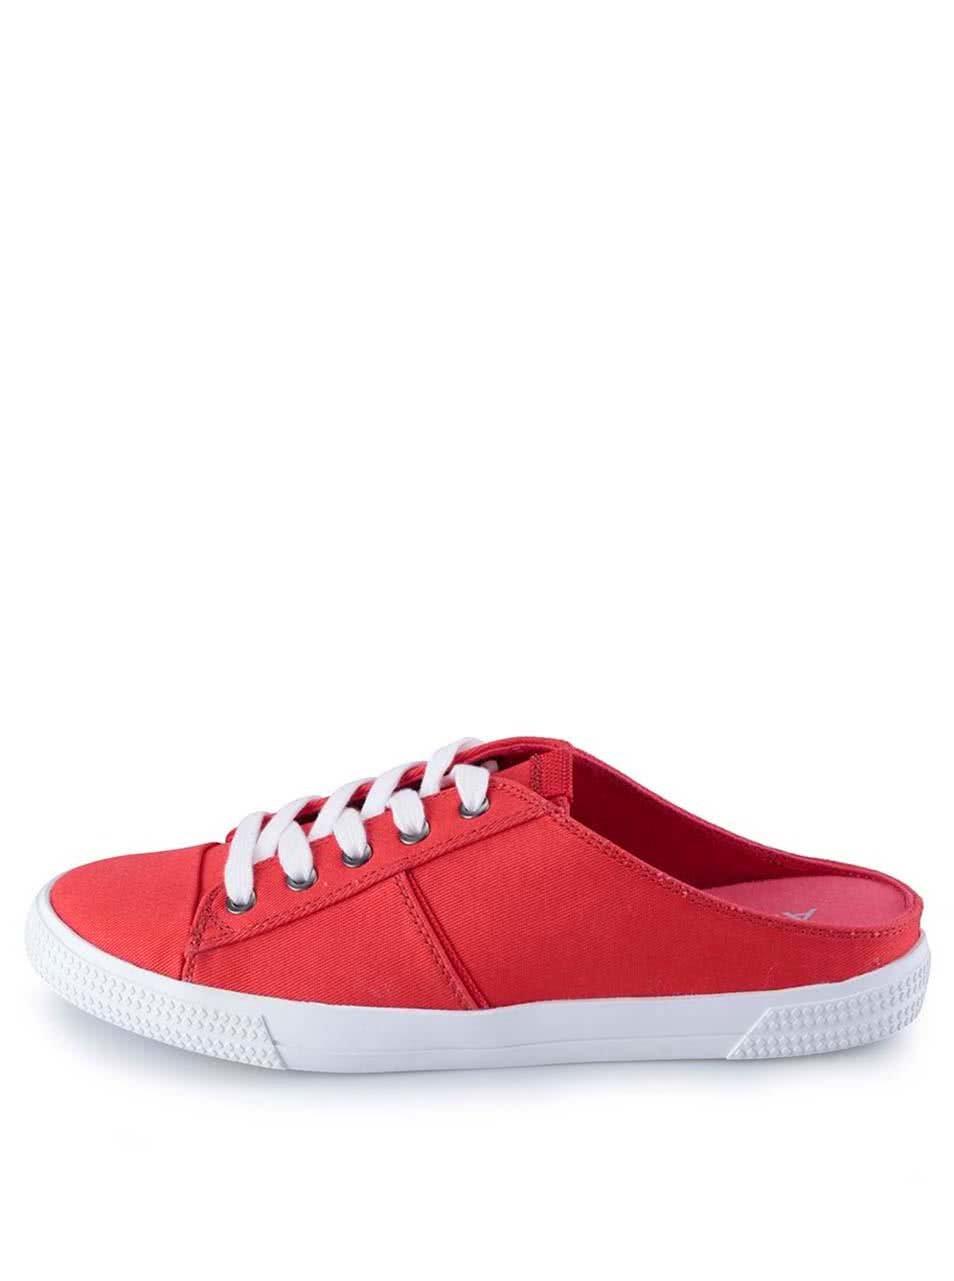 b281170f8a5 Modré dámské sportovní boty adidas OriginalsTorsion Response